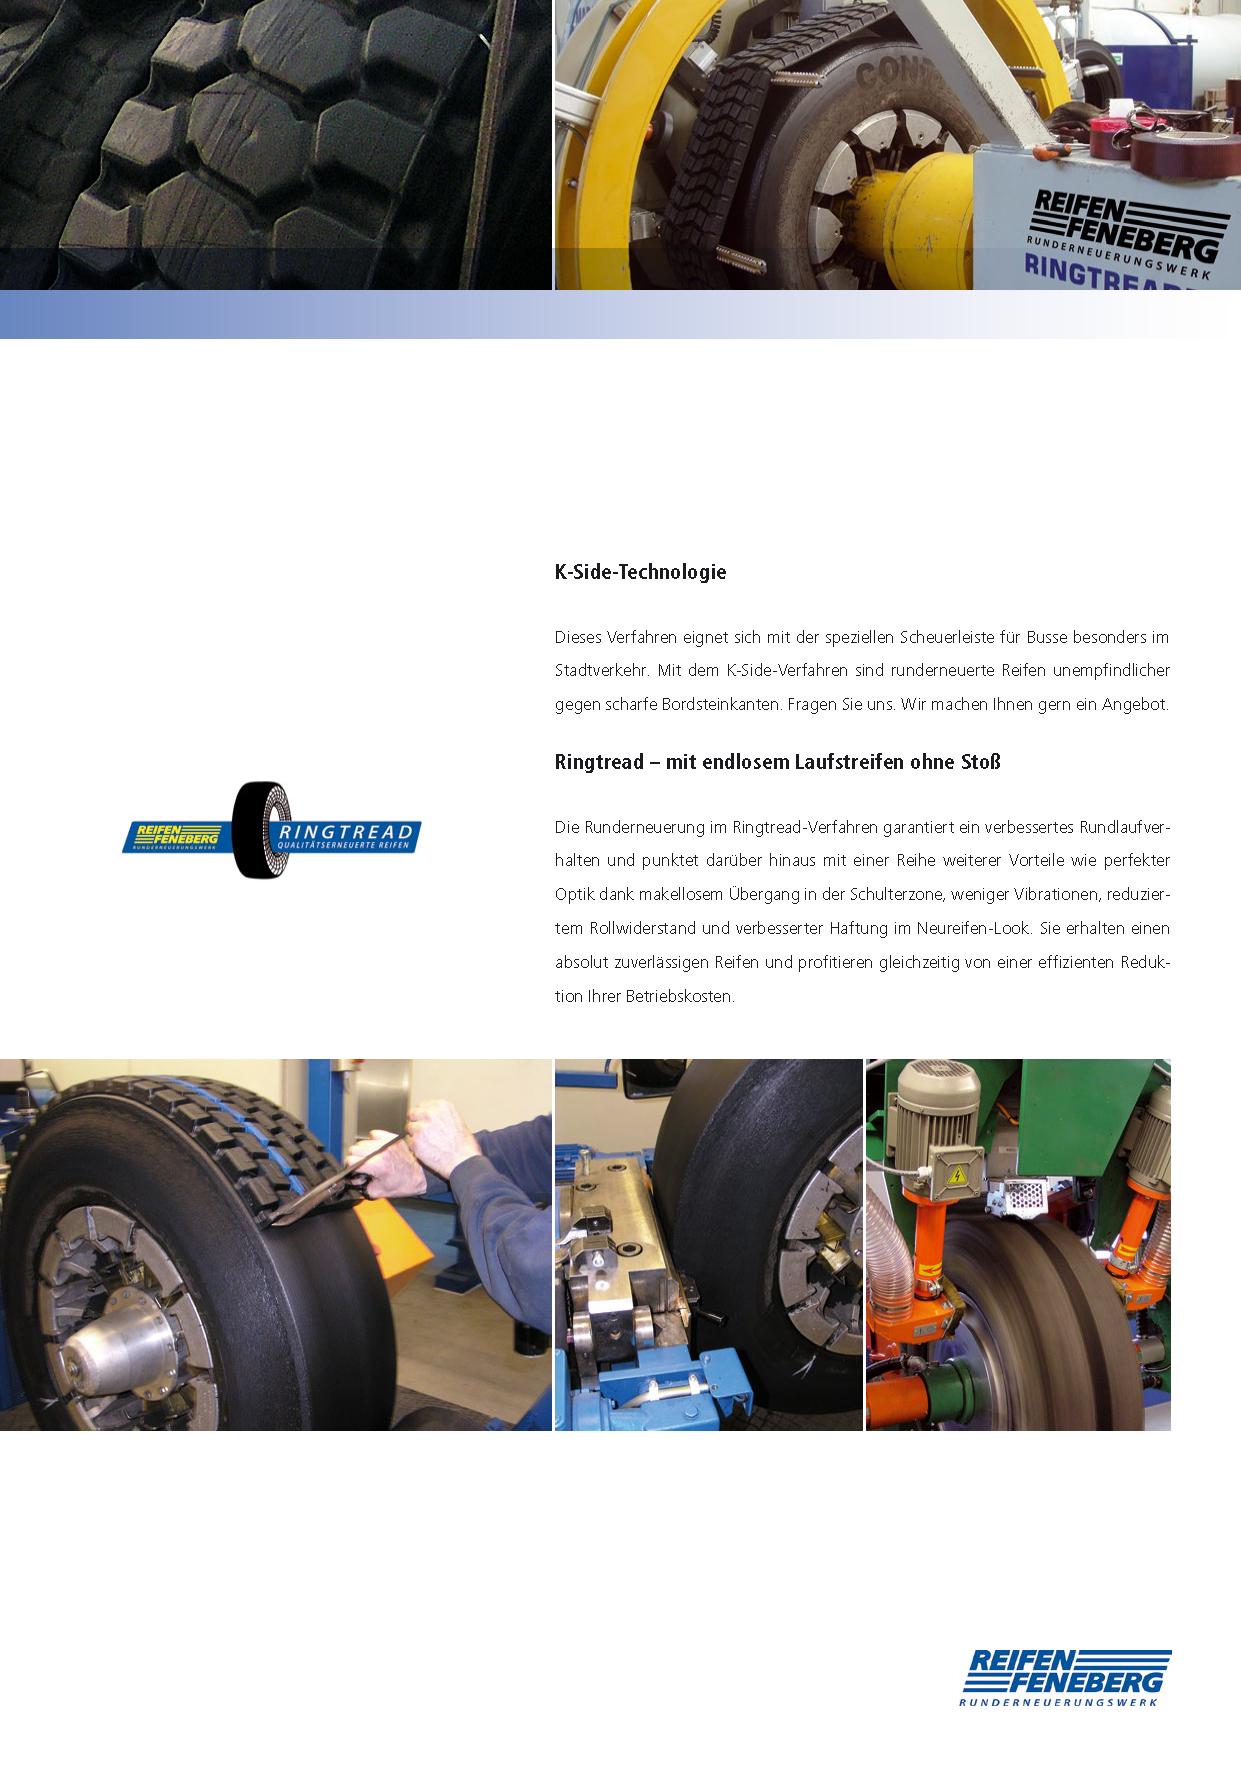 Reifen_Feneberg Imagebroschüre_Seite_13